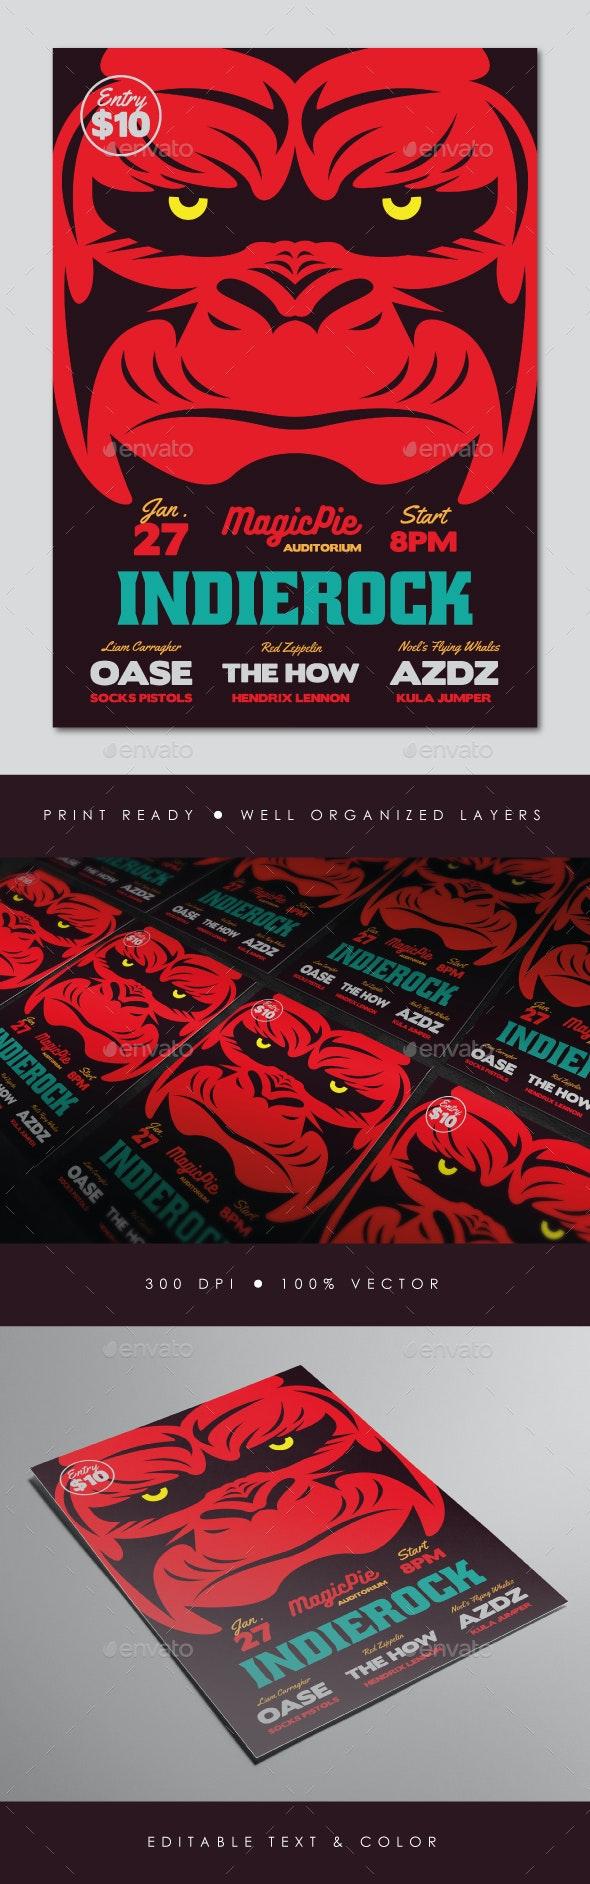 Gorilla Indie Rock Flyer - Concerts Events